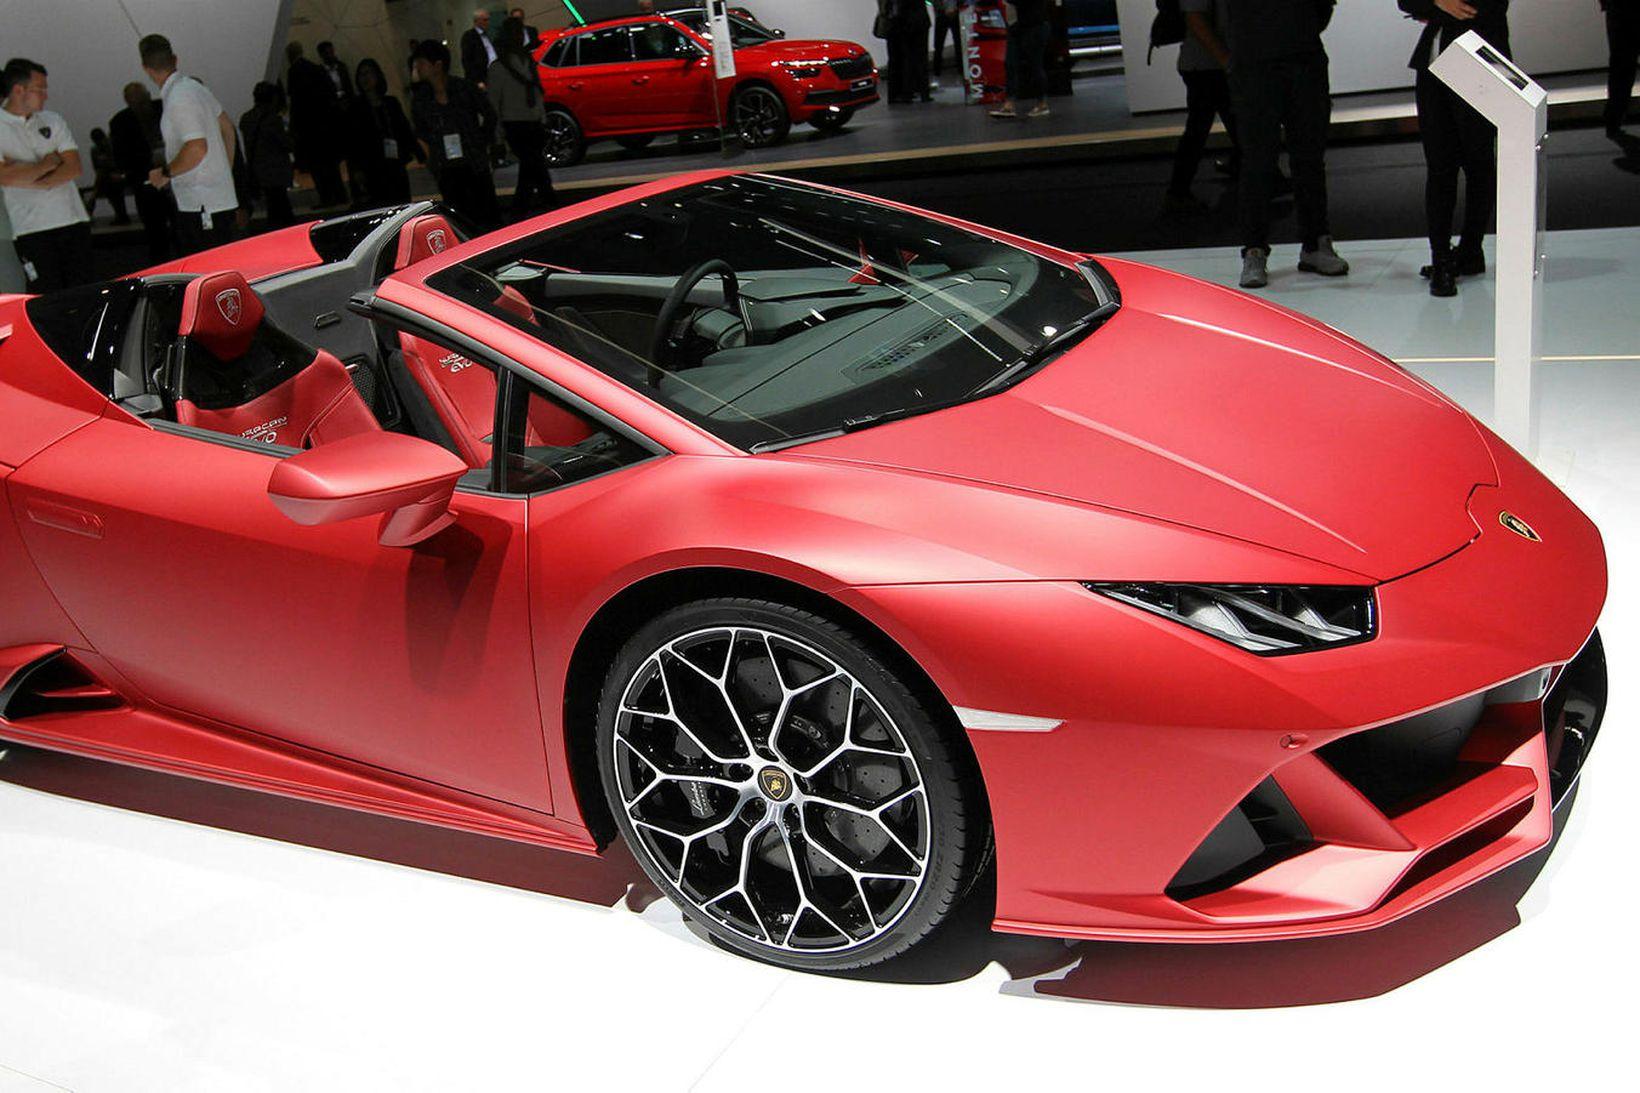 Lamborghini Huracan Evo Spyder á bílasýningunni í Frankfurt í haust.